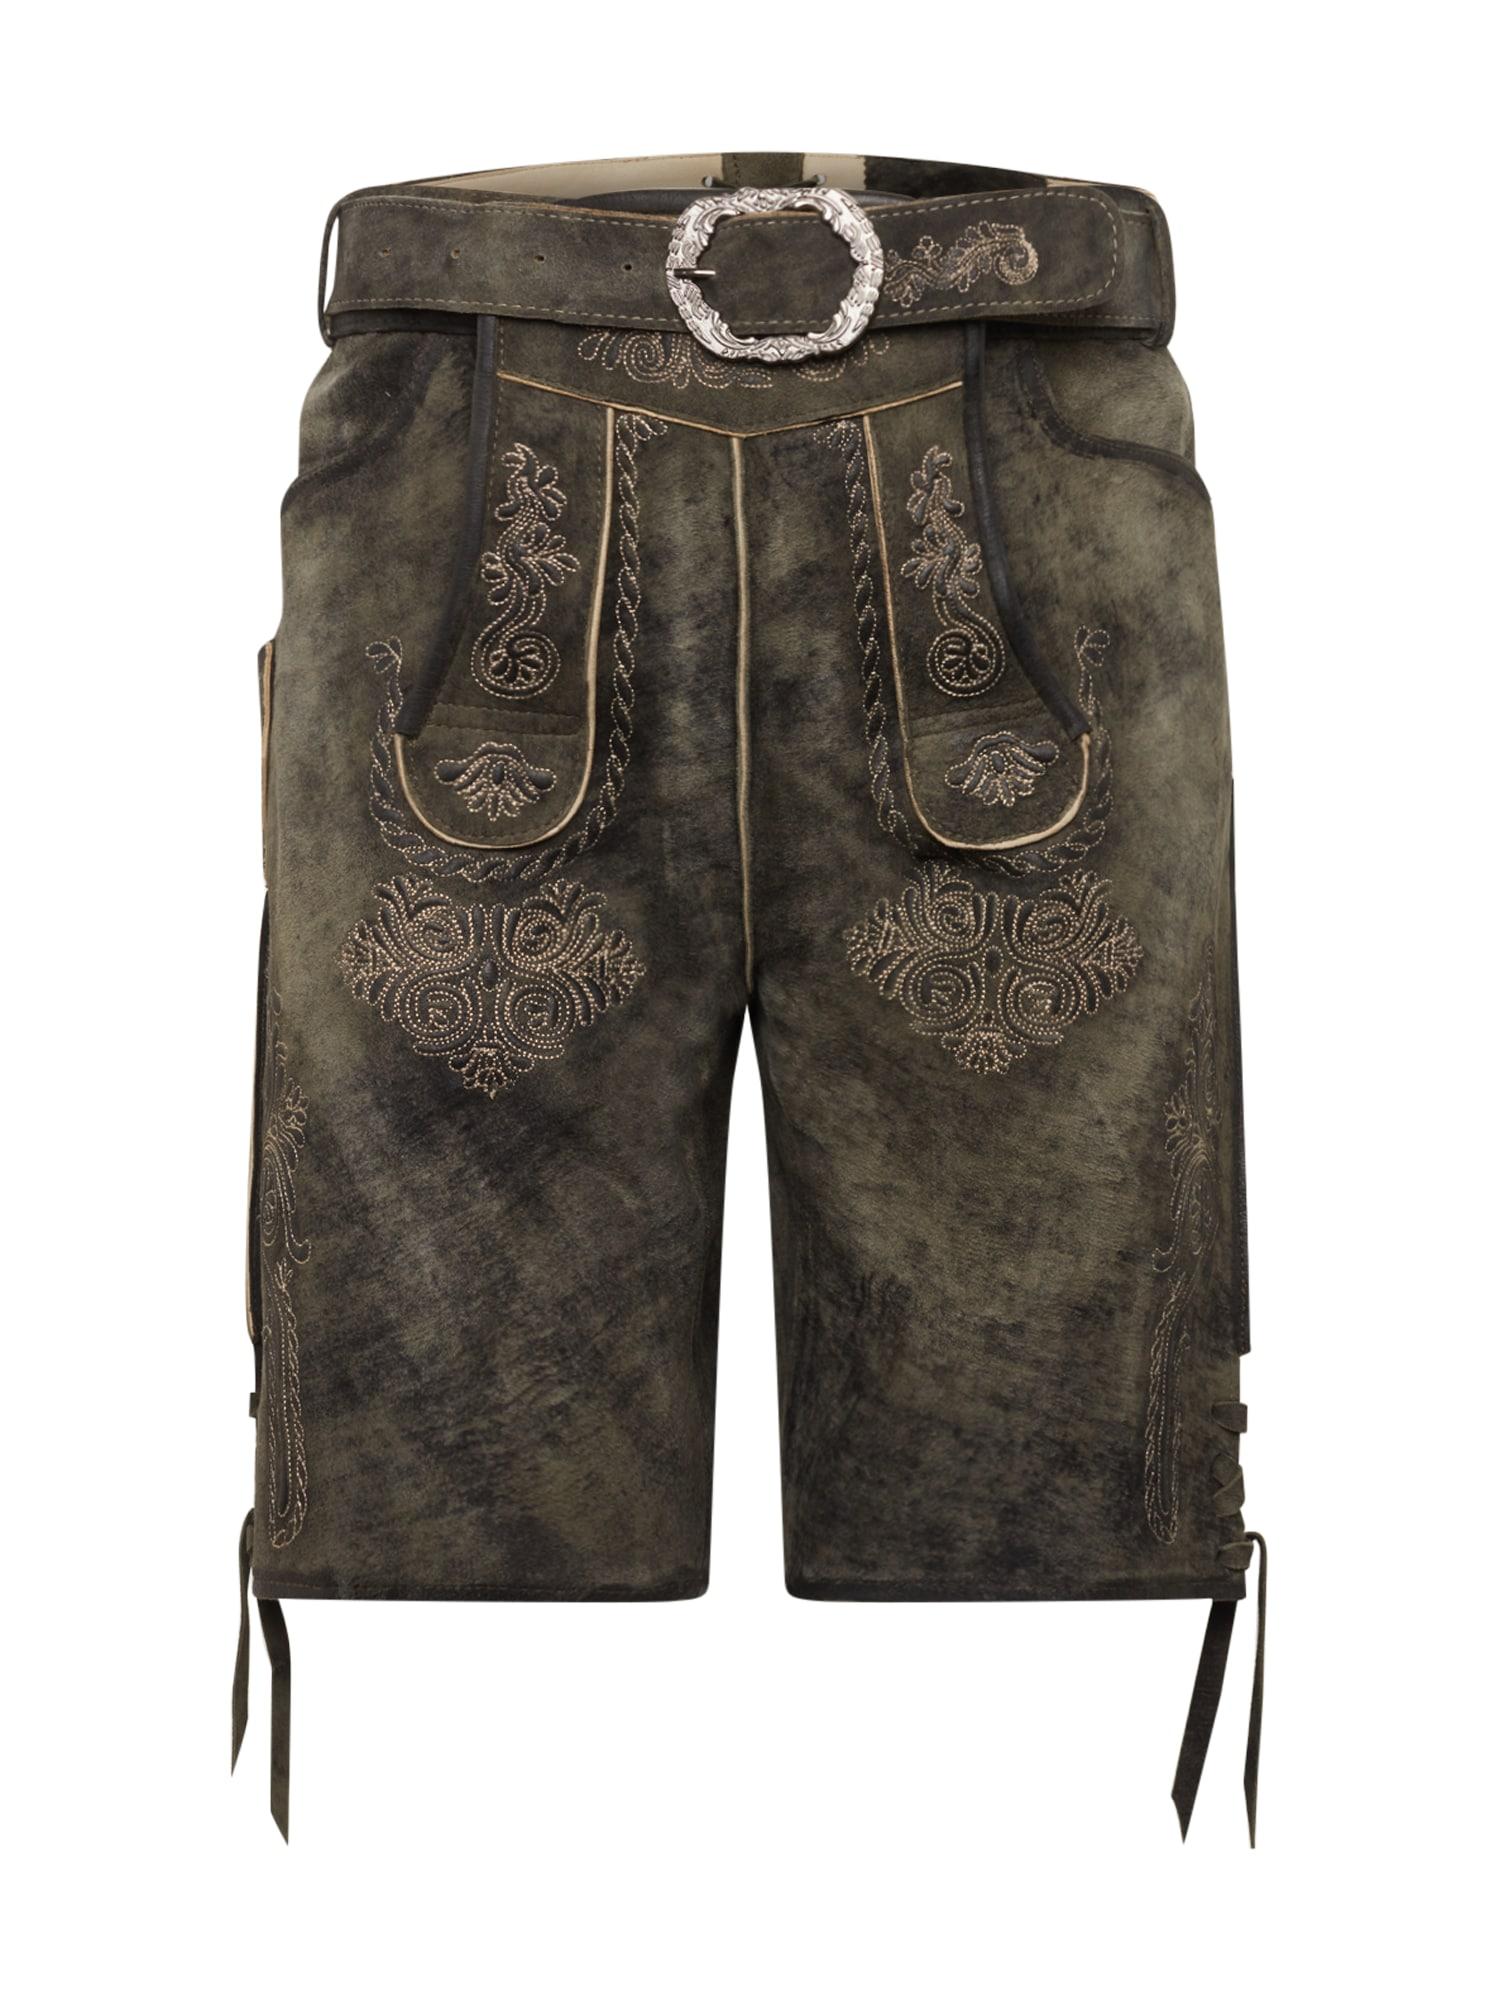 MARJO Kelnės su tradiciniais raštais '017 Tyson inkl. Gürtel' tamsiai žalia